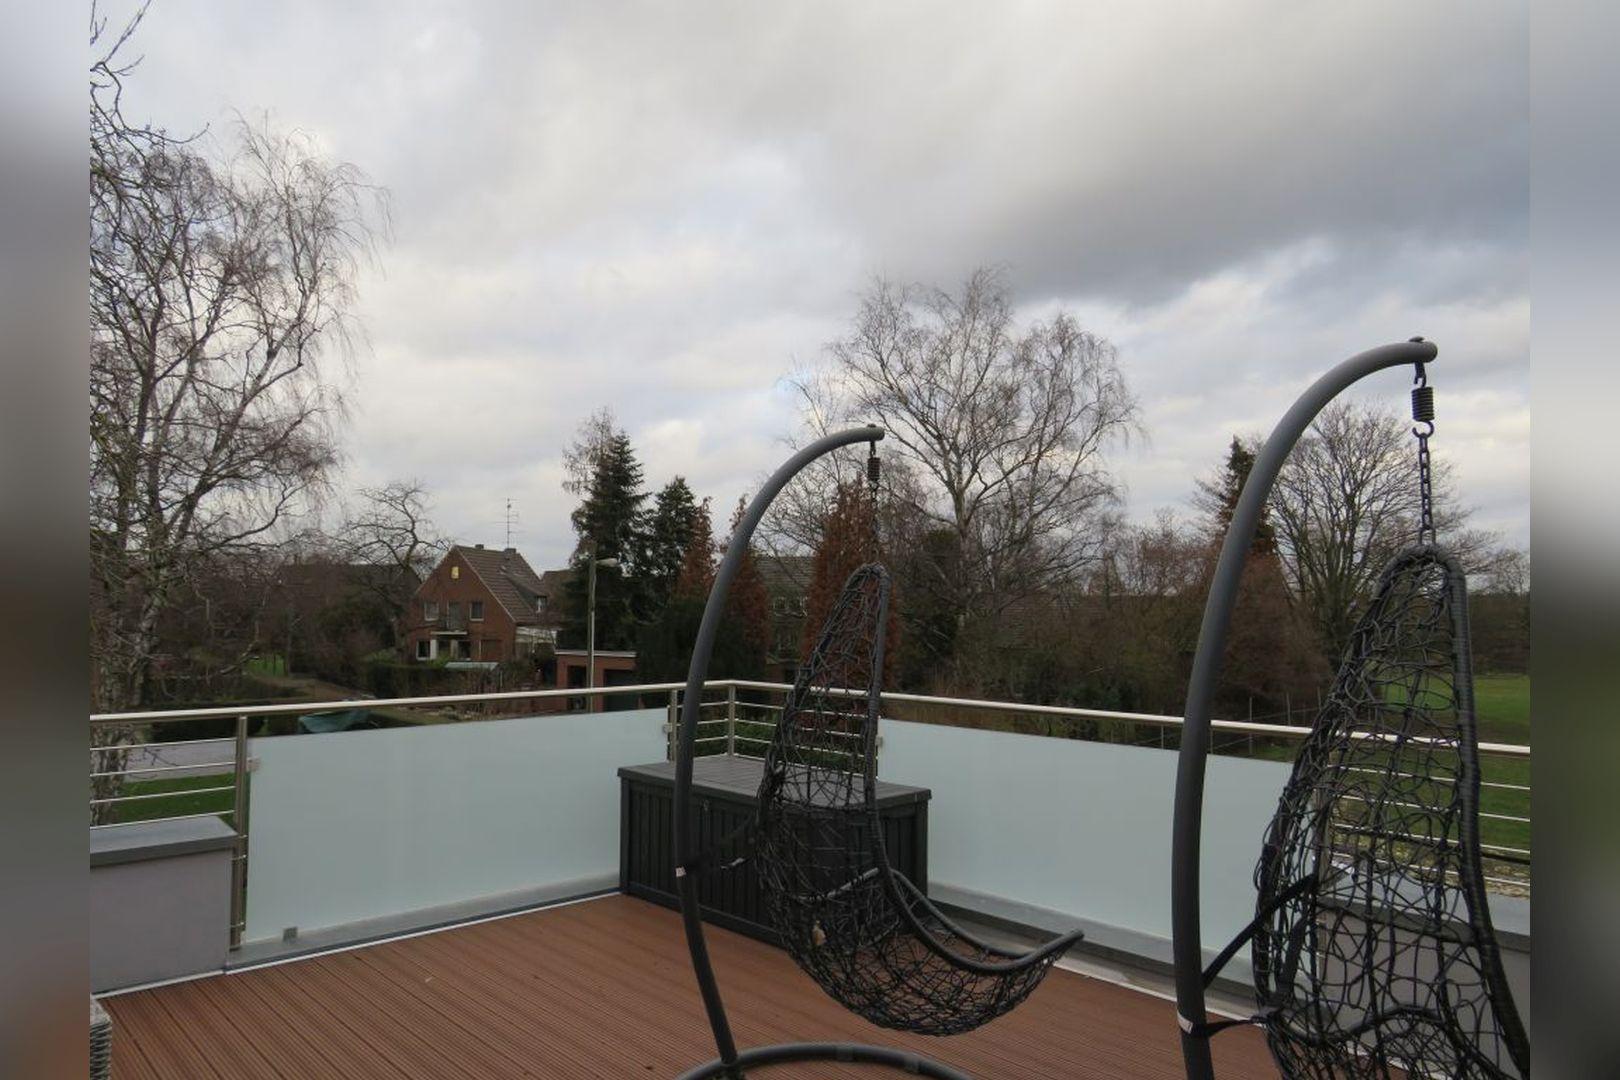 Immobilie Nr.0248 - Doppelhaushälfte mit eingeschossigem Anbau, Garten & Dachterrasse - Bild 18.jpg